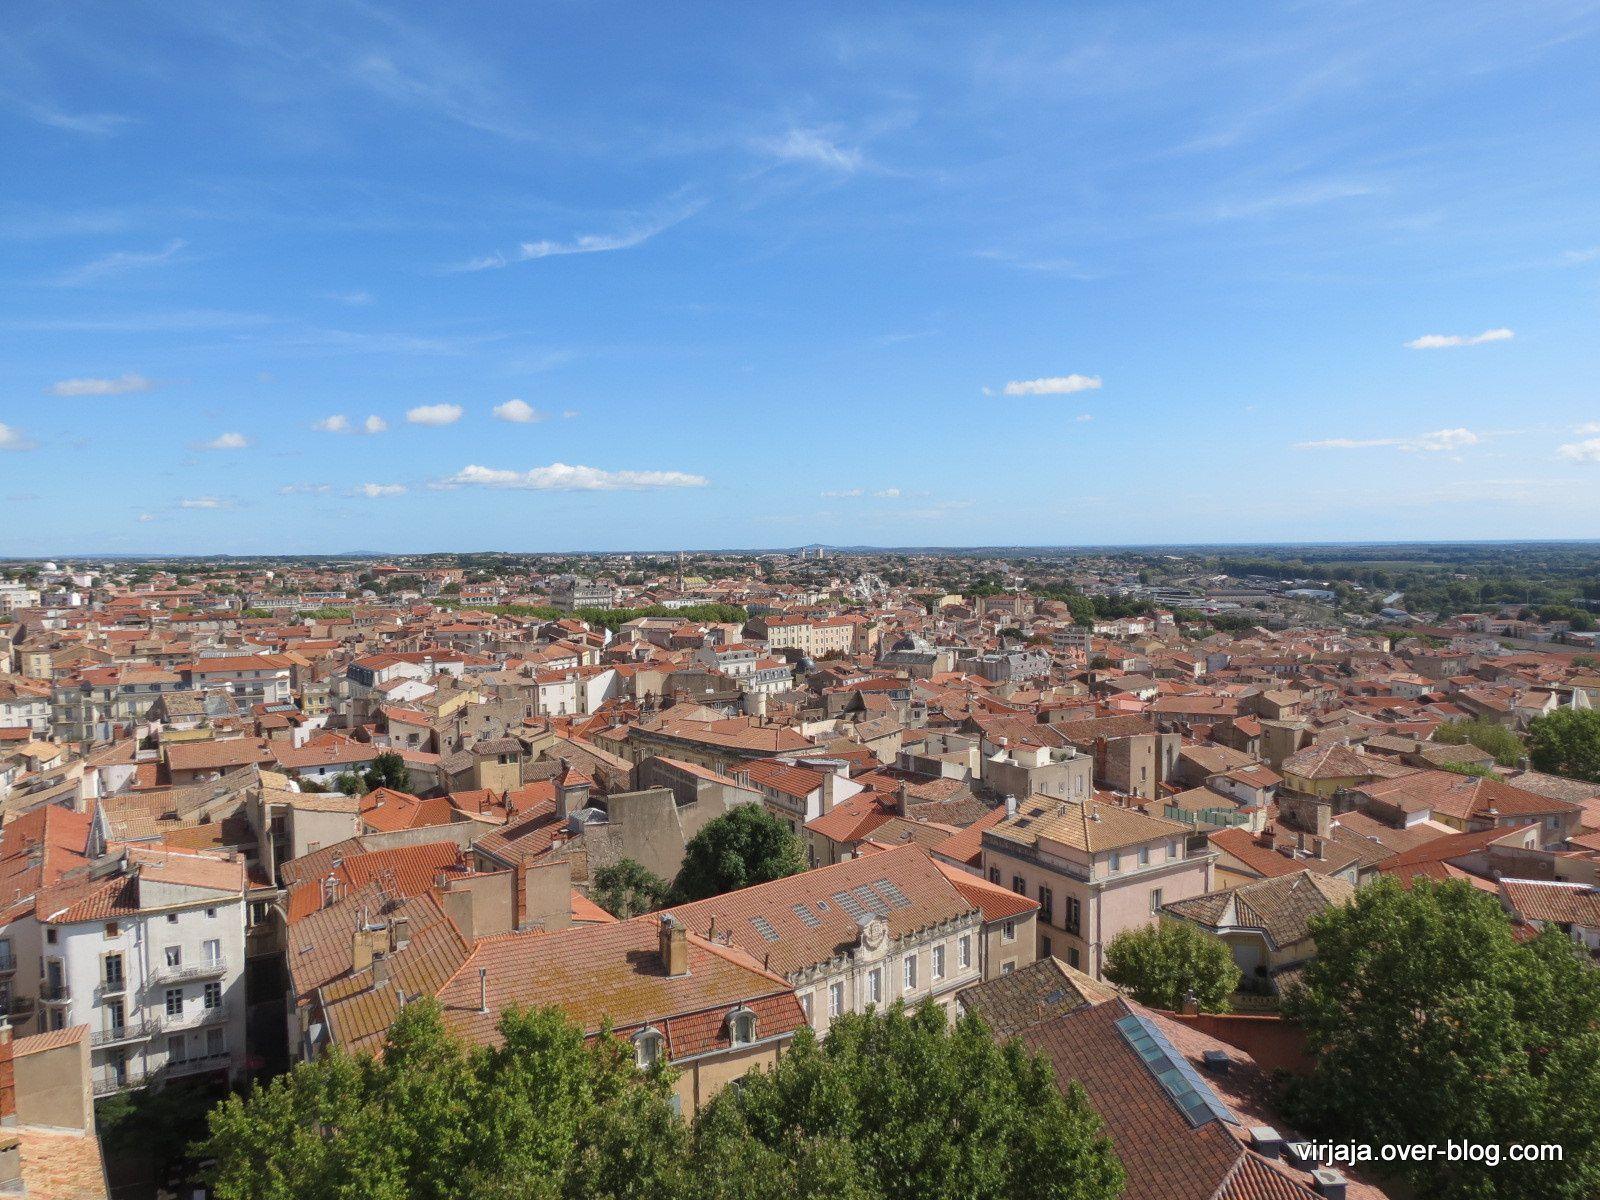 clocher de la cathédrale de Béziers